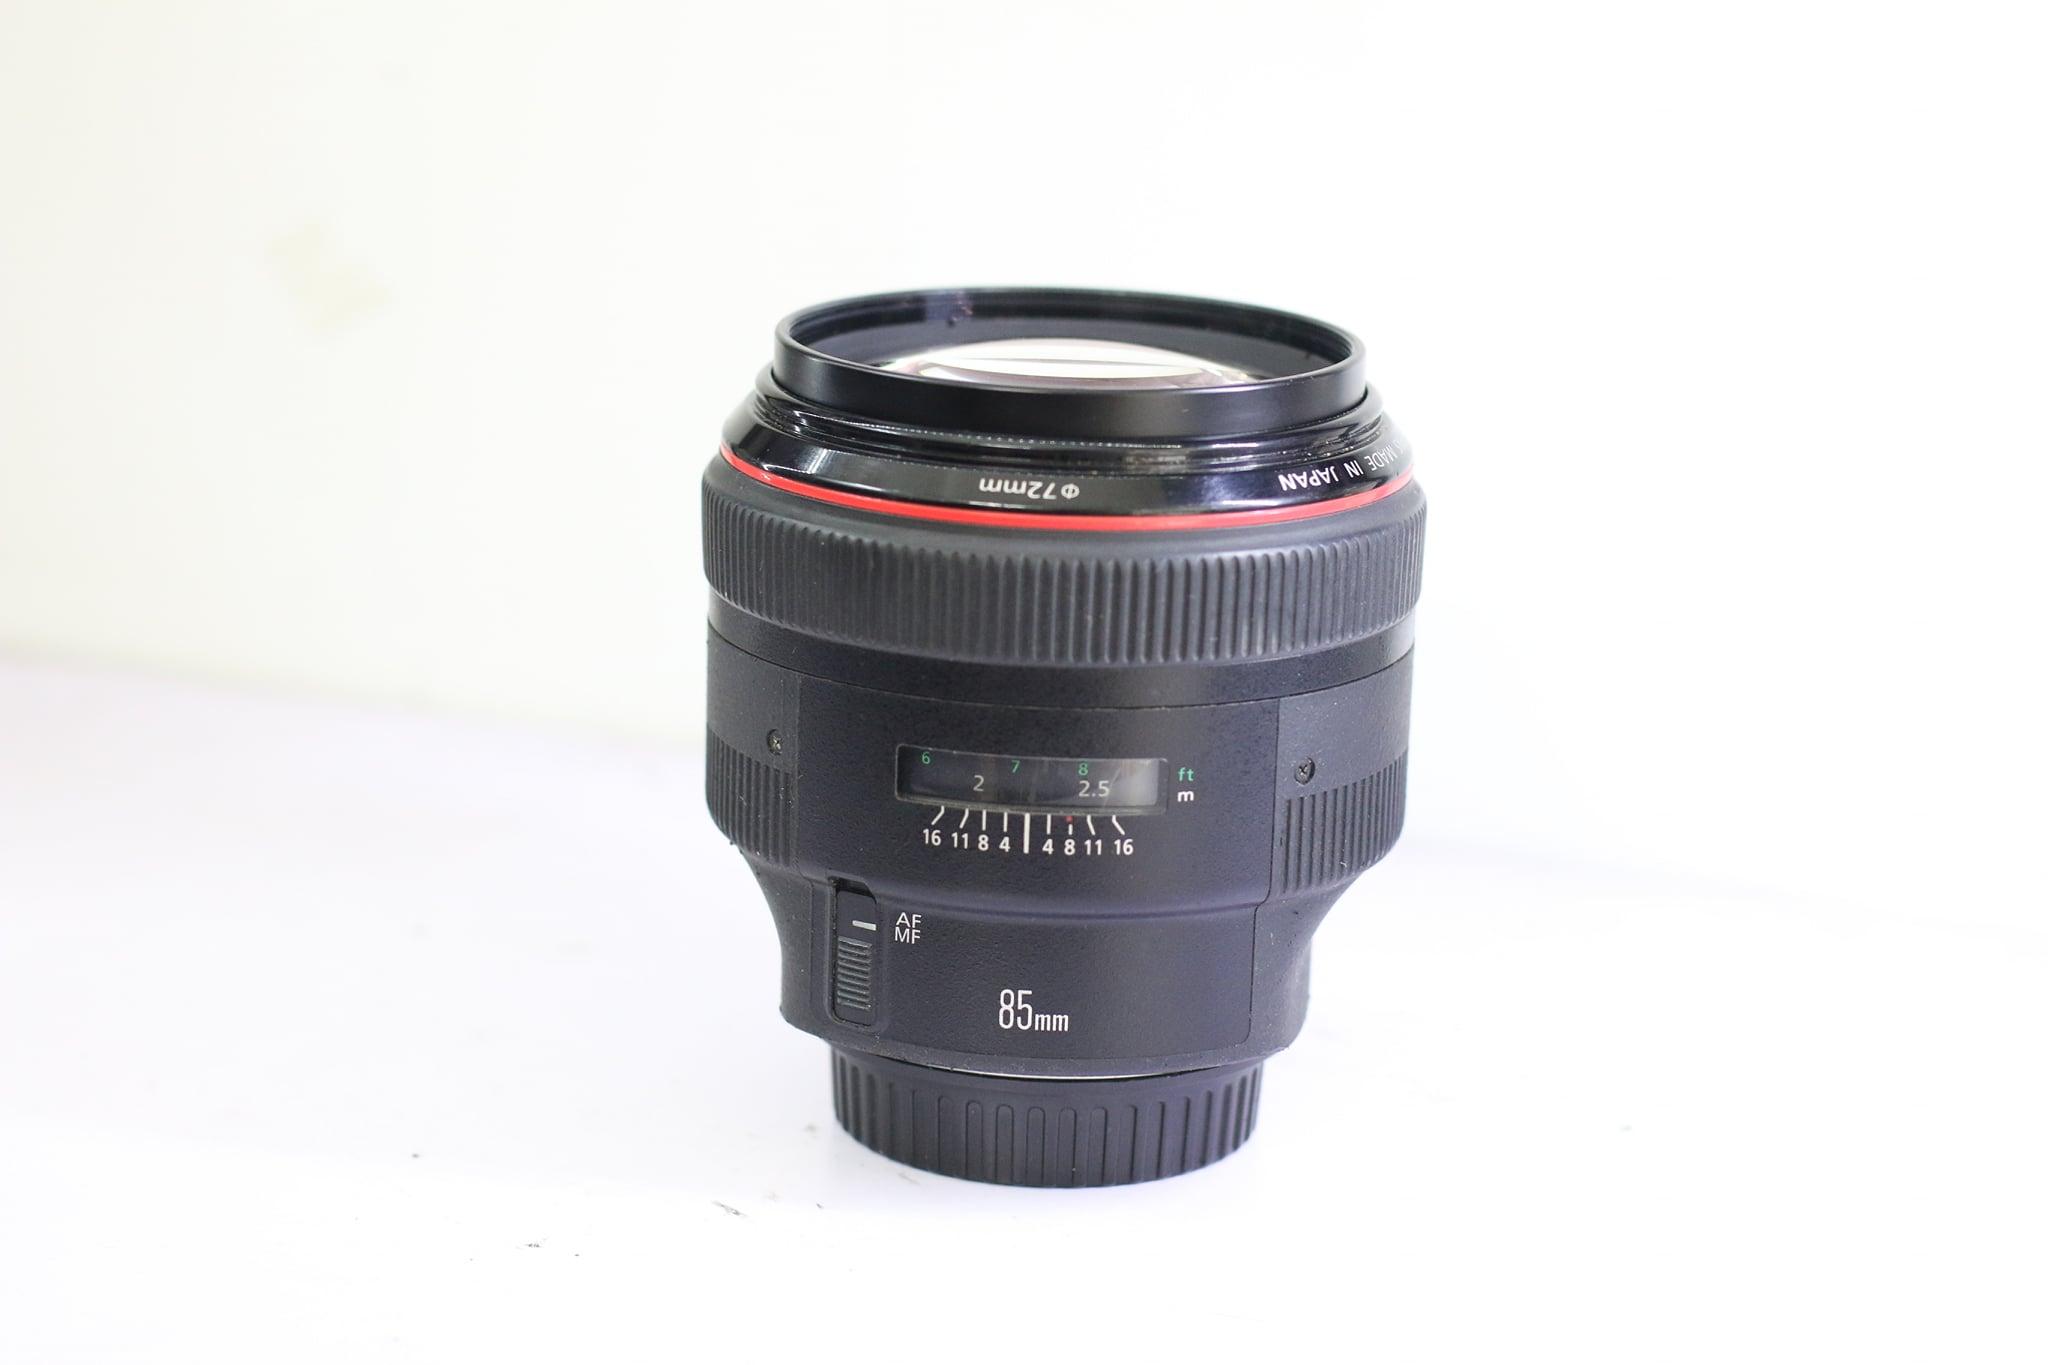 Ống Kính Canon EF 85mm F1.2 L USM Cũ Hàng Chính Hãng